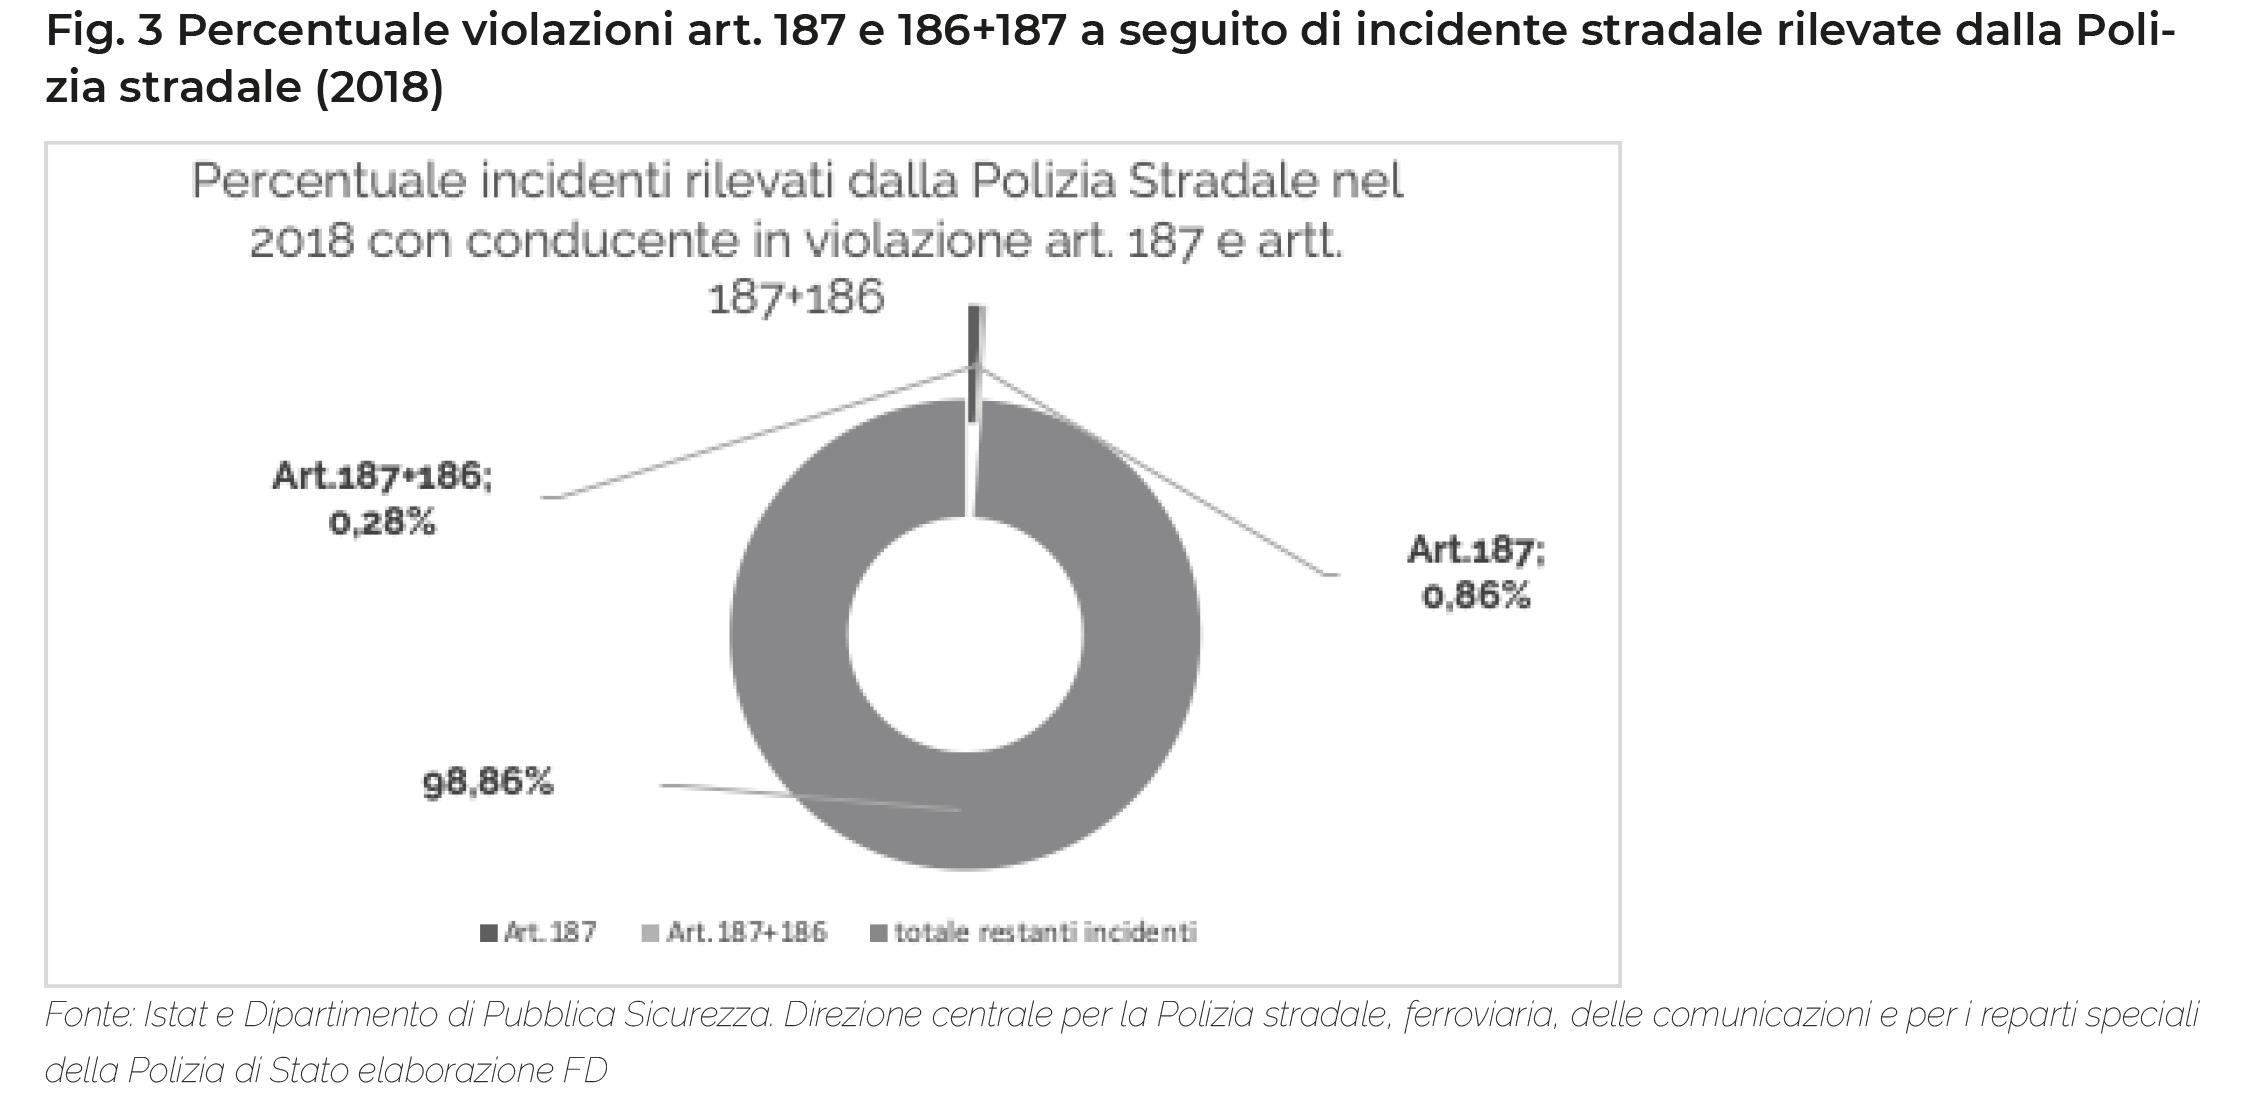 Fig. 3 Percentuale violazioni art. 187 e 186+187 a seguito di incidente stradale rilevate dalla Polizia stradale (2018)